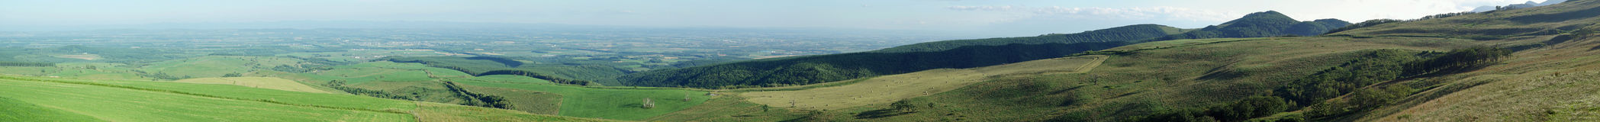 Les montagnes ont appelé Naitai Kogen Bokujo Photo libre de droits